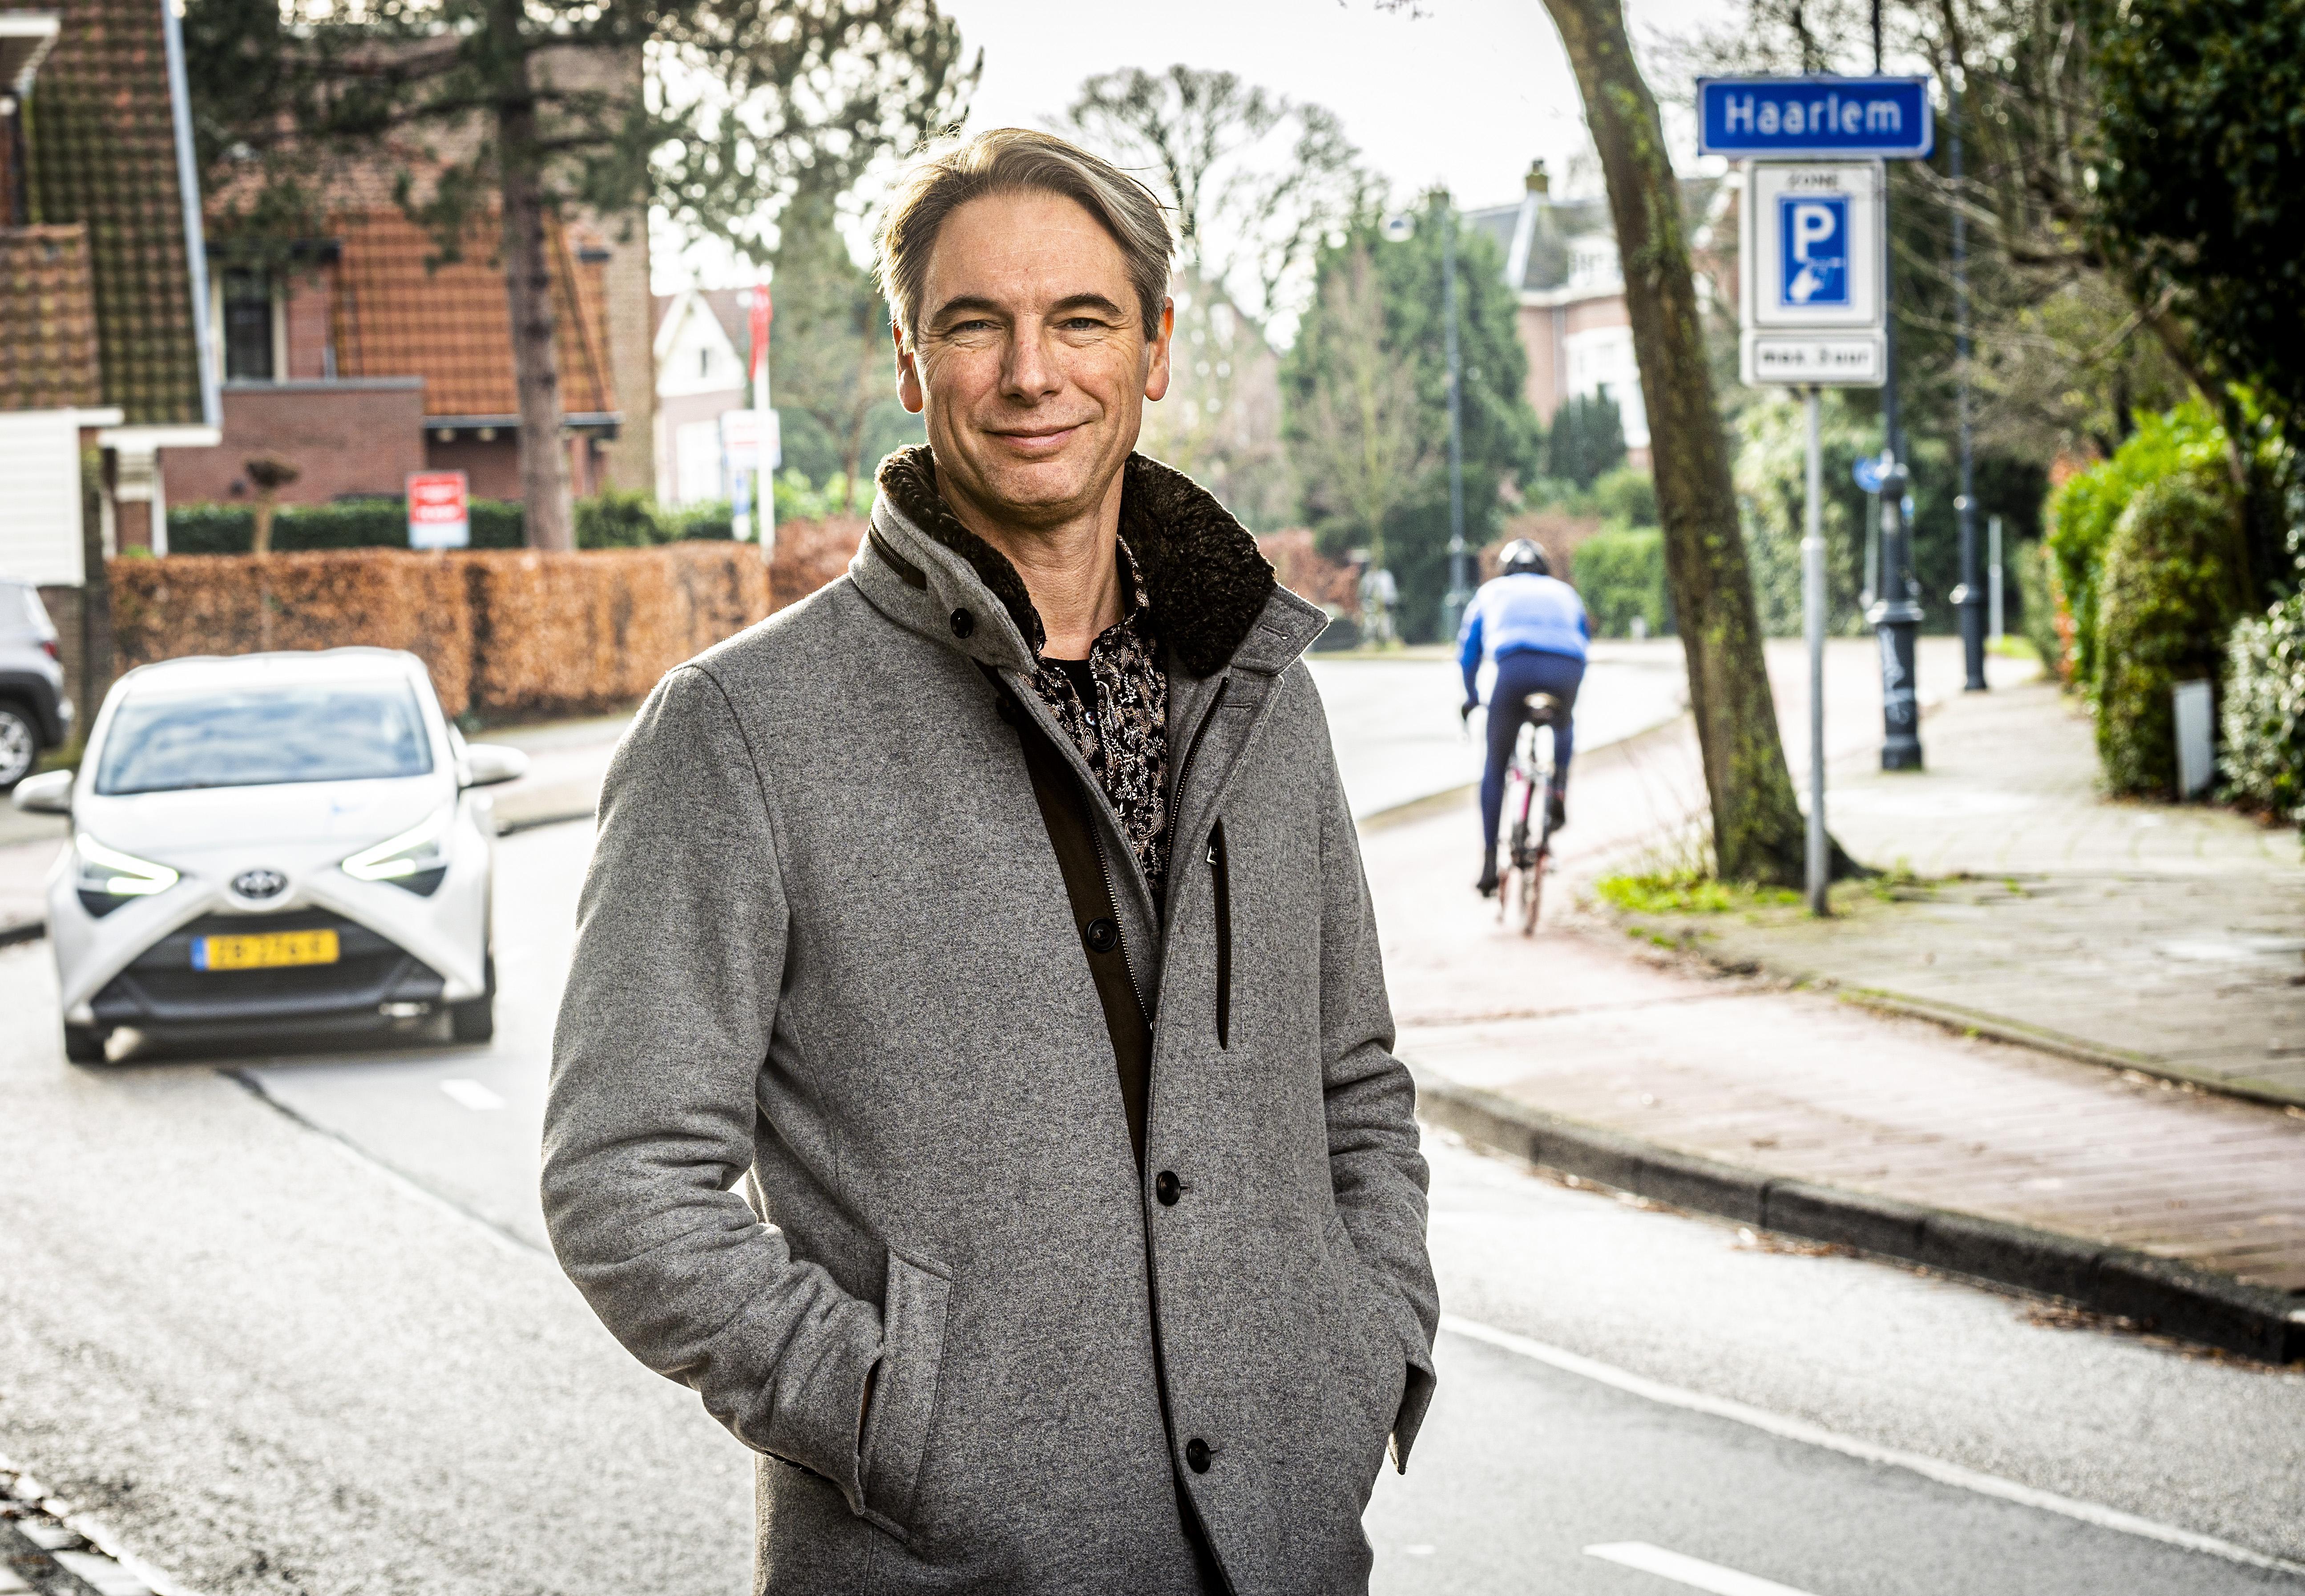 Overvener Tuur Elzinga wil FNV-voorzitter worden: 'Werkgevers bevrijden van hun flexverslaving'